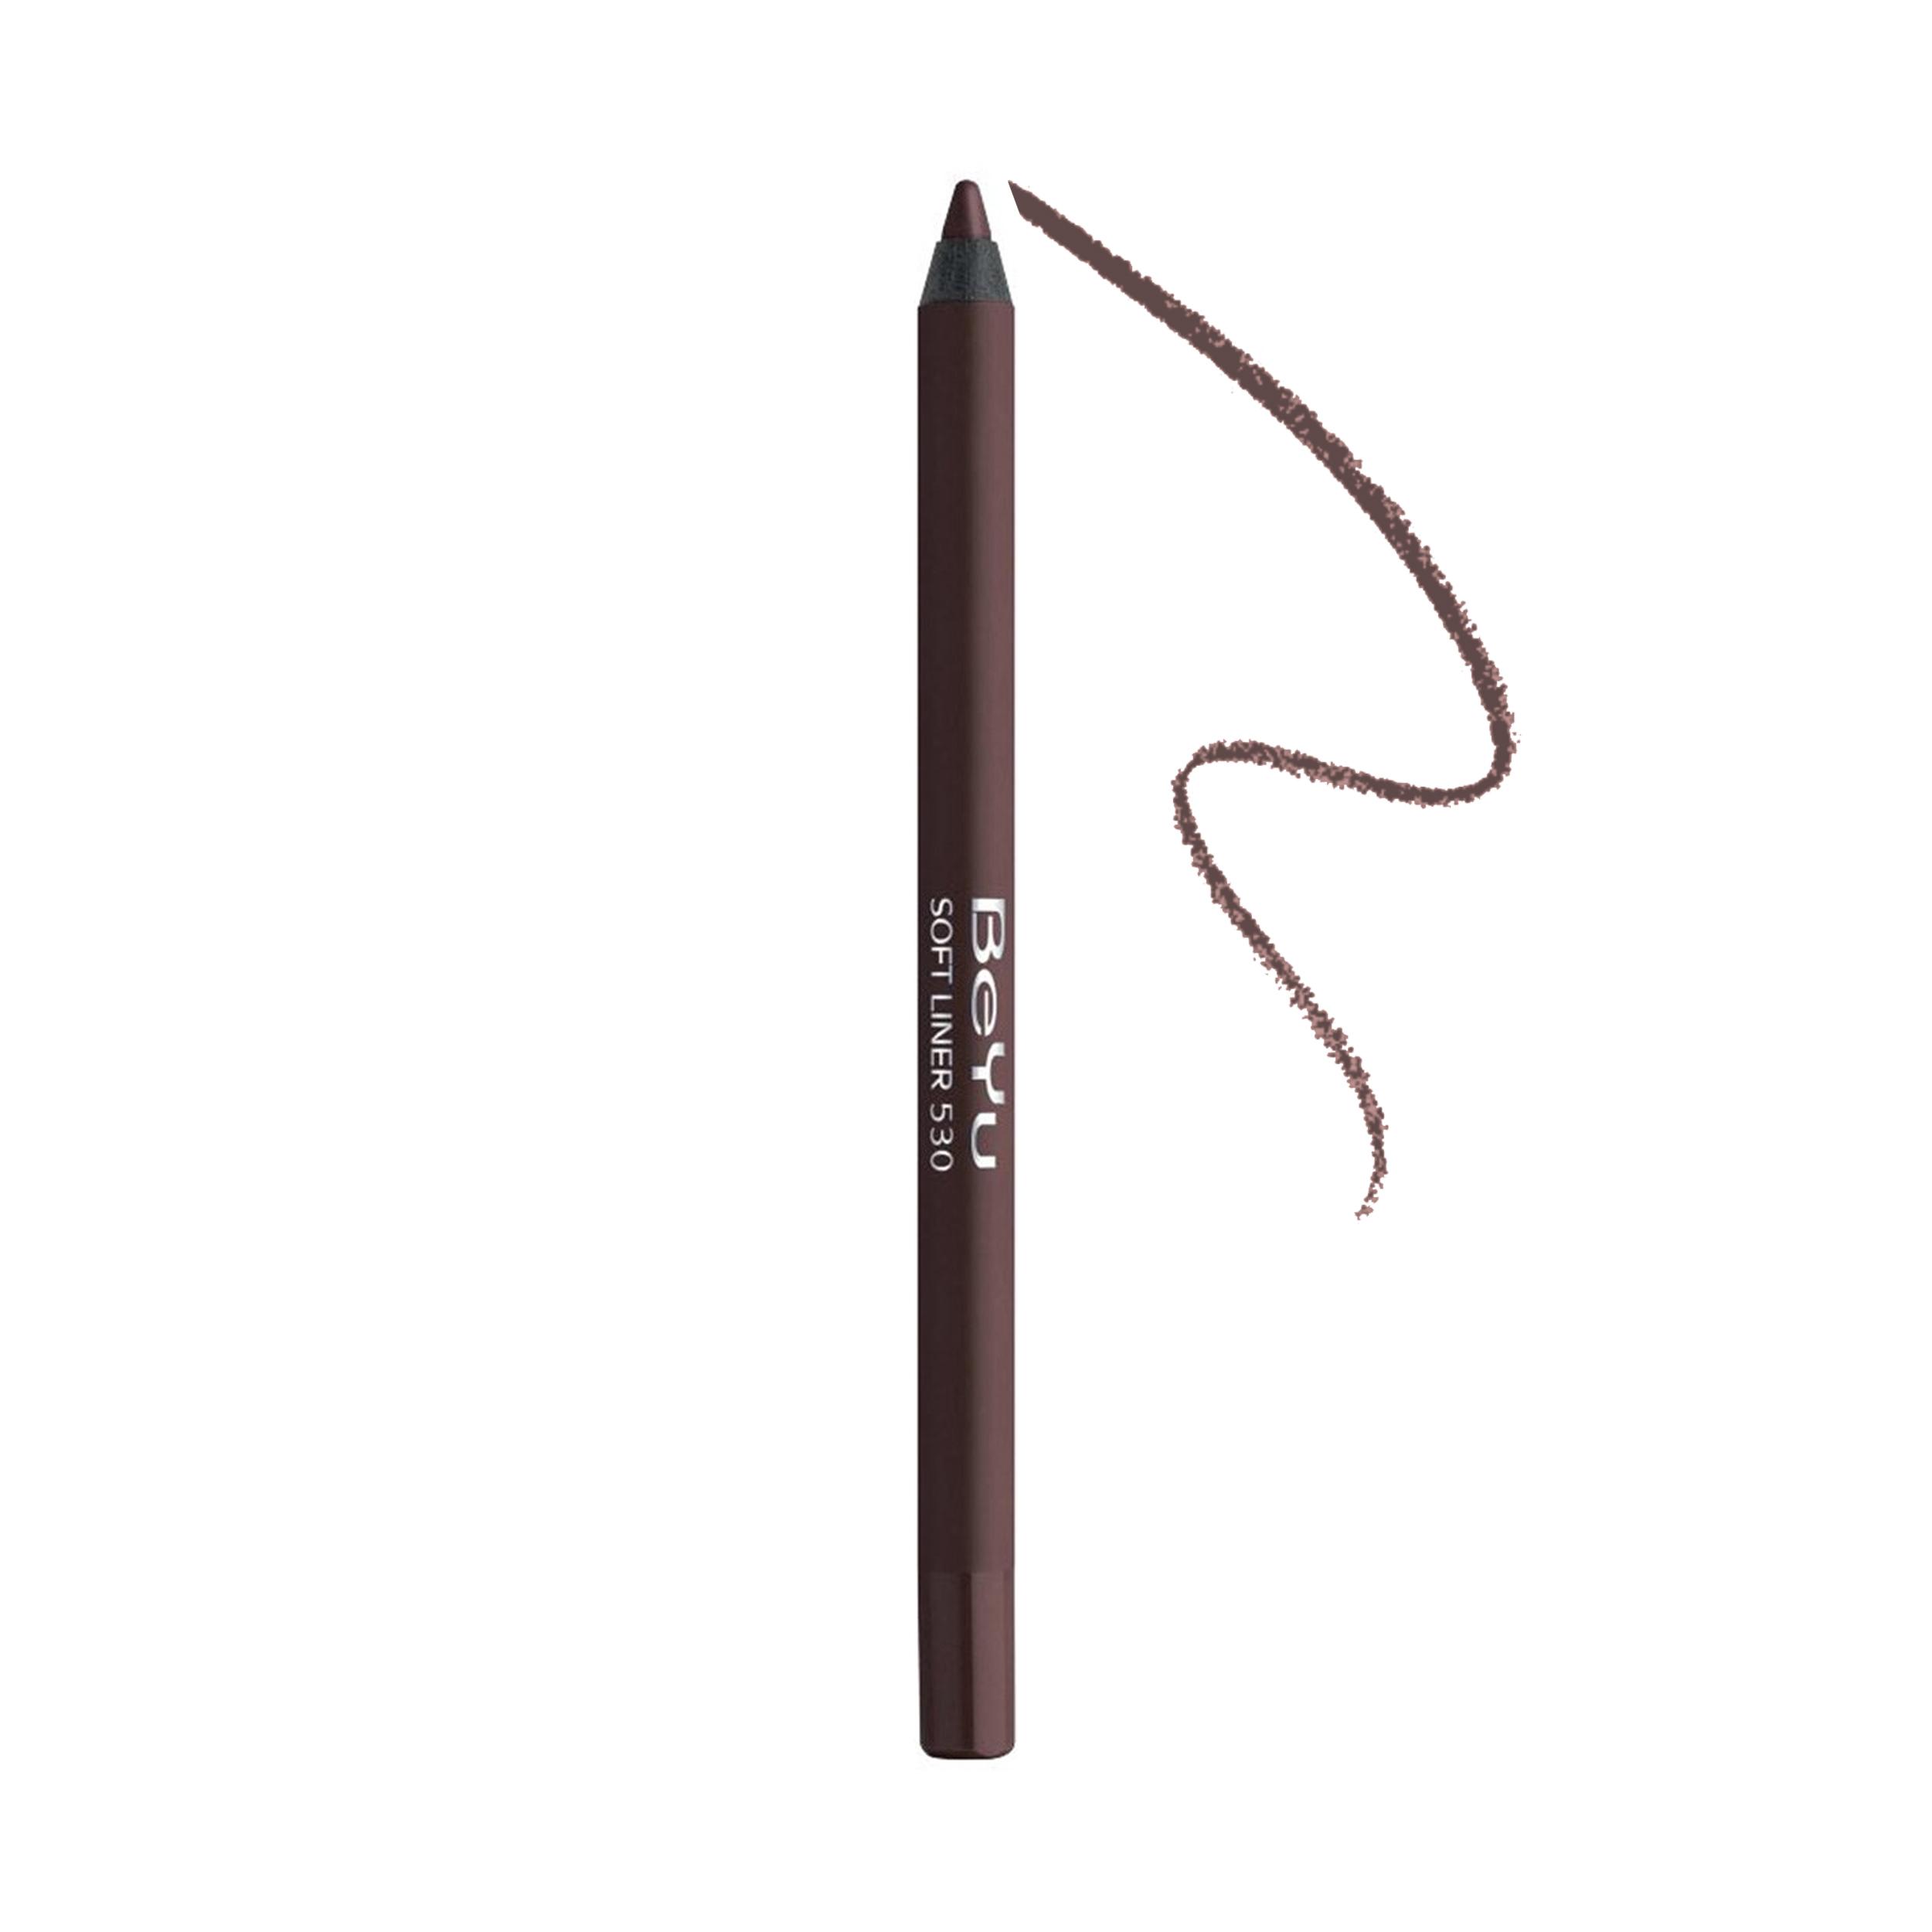 مداد لب بی یو سری Softline شماره 530 -  - 1